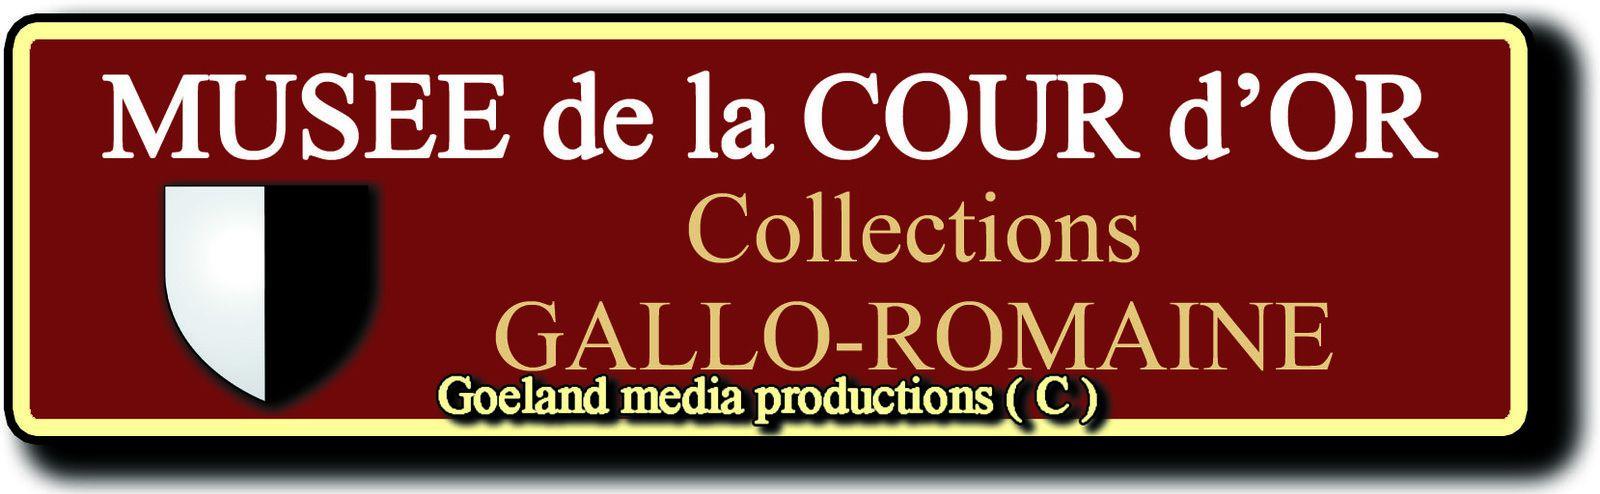 Musée de la COUR d'OR - METZ ( Lorraine ) - COLLECTIONS ARCHEOLOGIQUES gallo-romaines - Gd Est